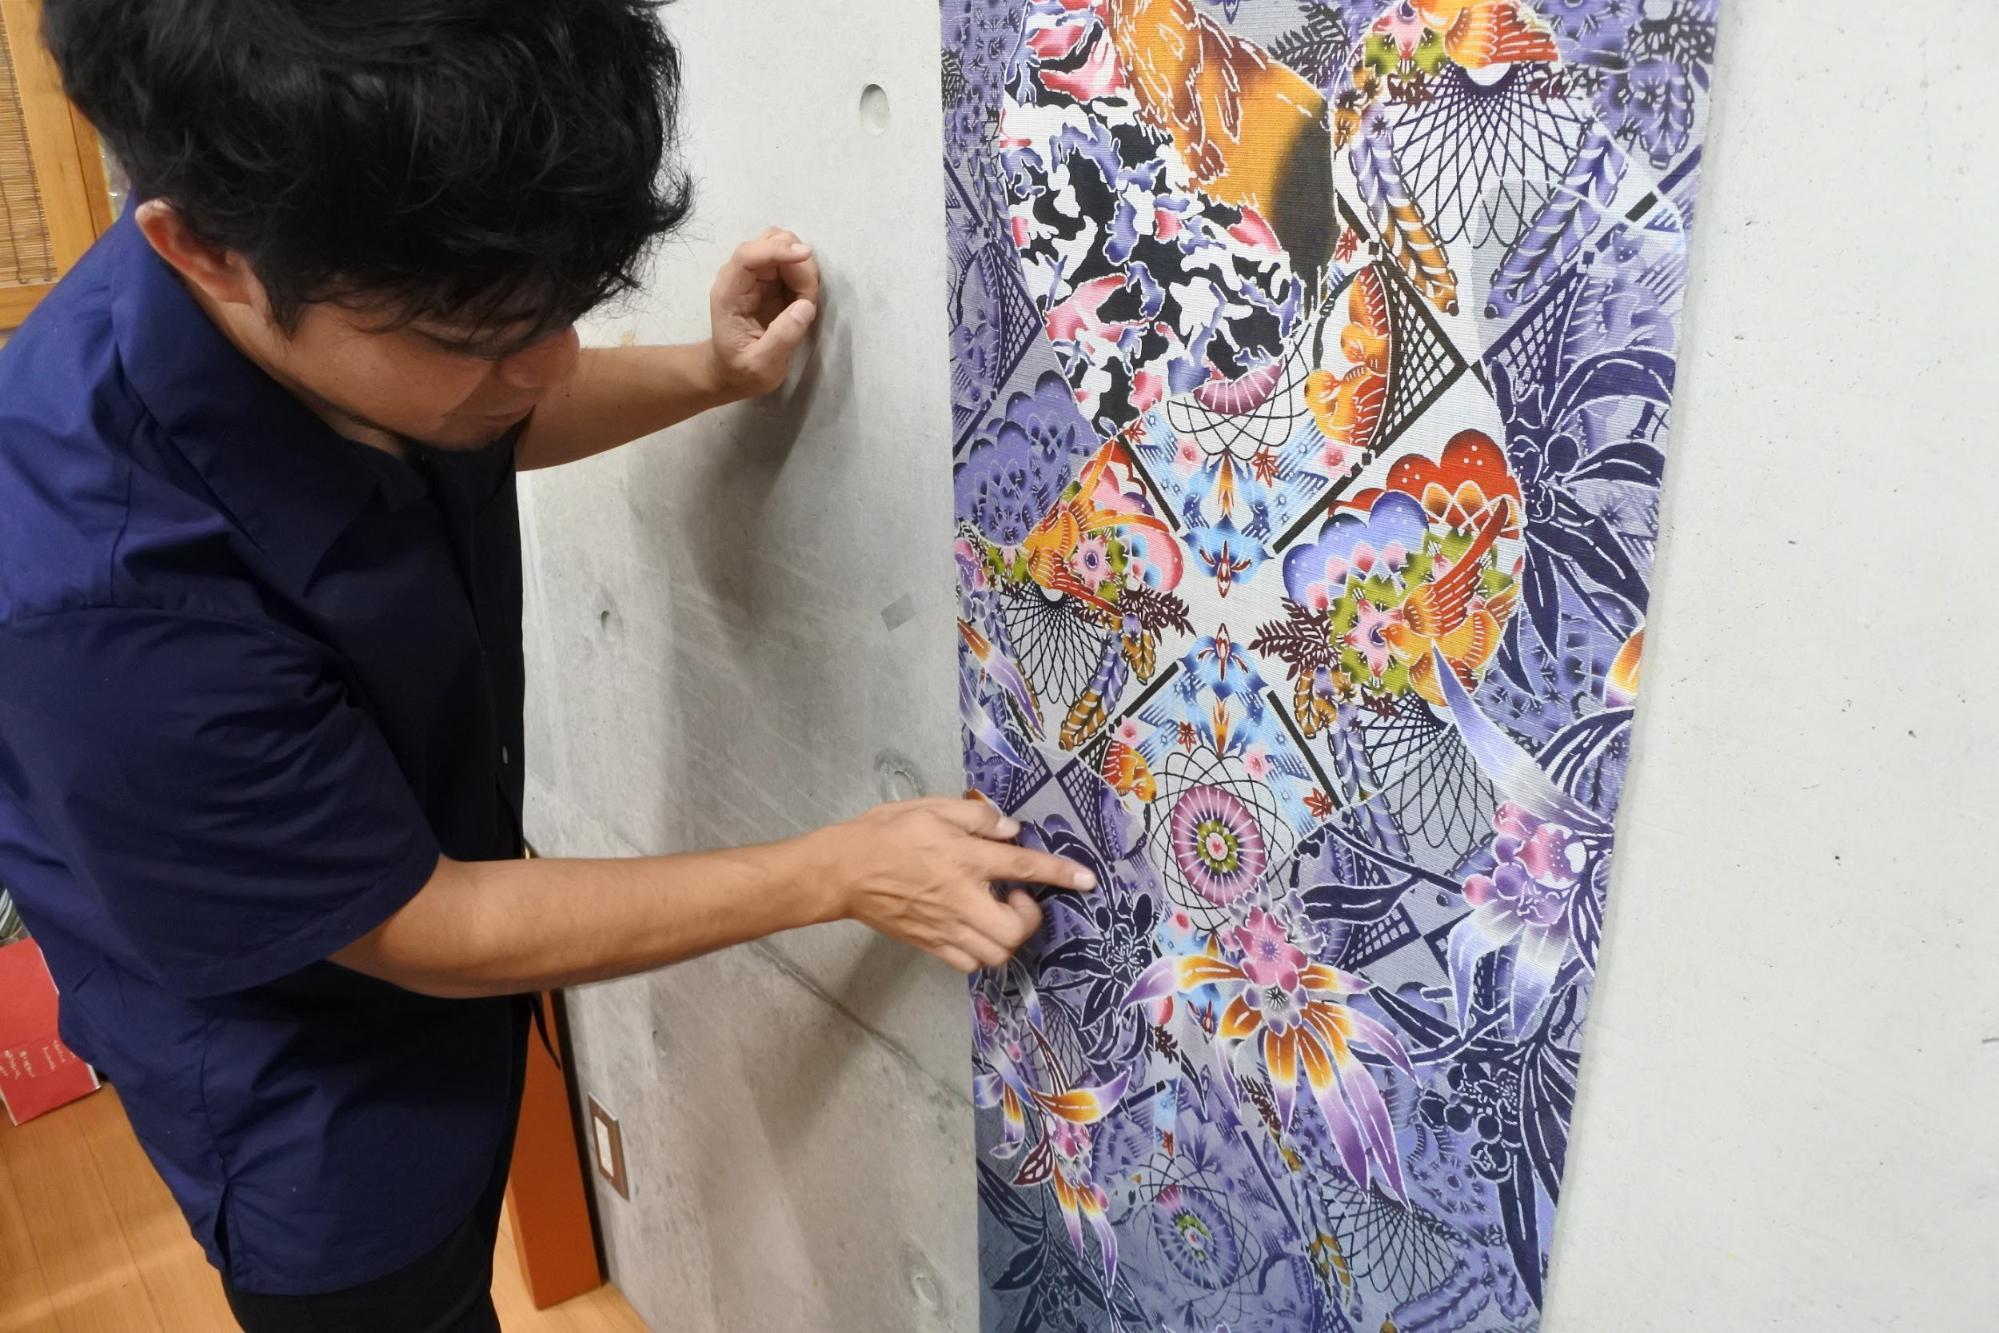 作品の説明をされる知花さん|Photo by Masaya Morita